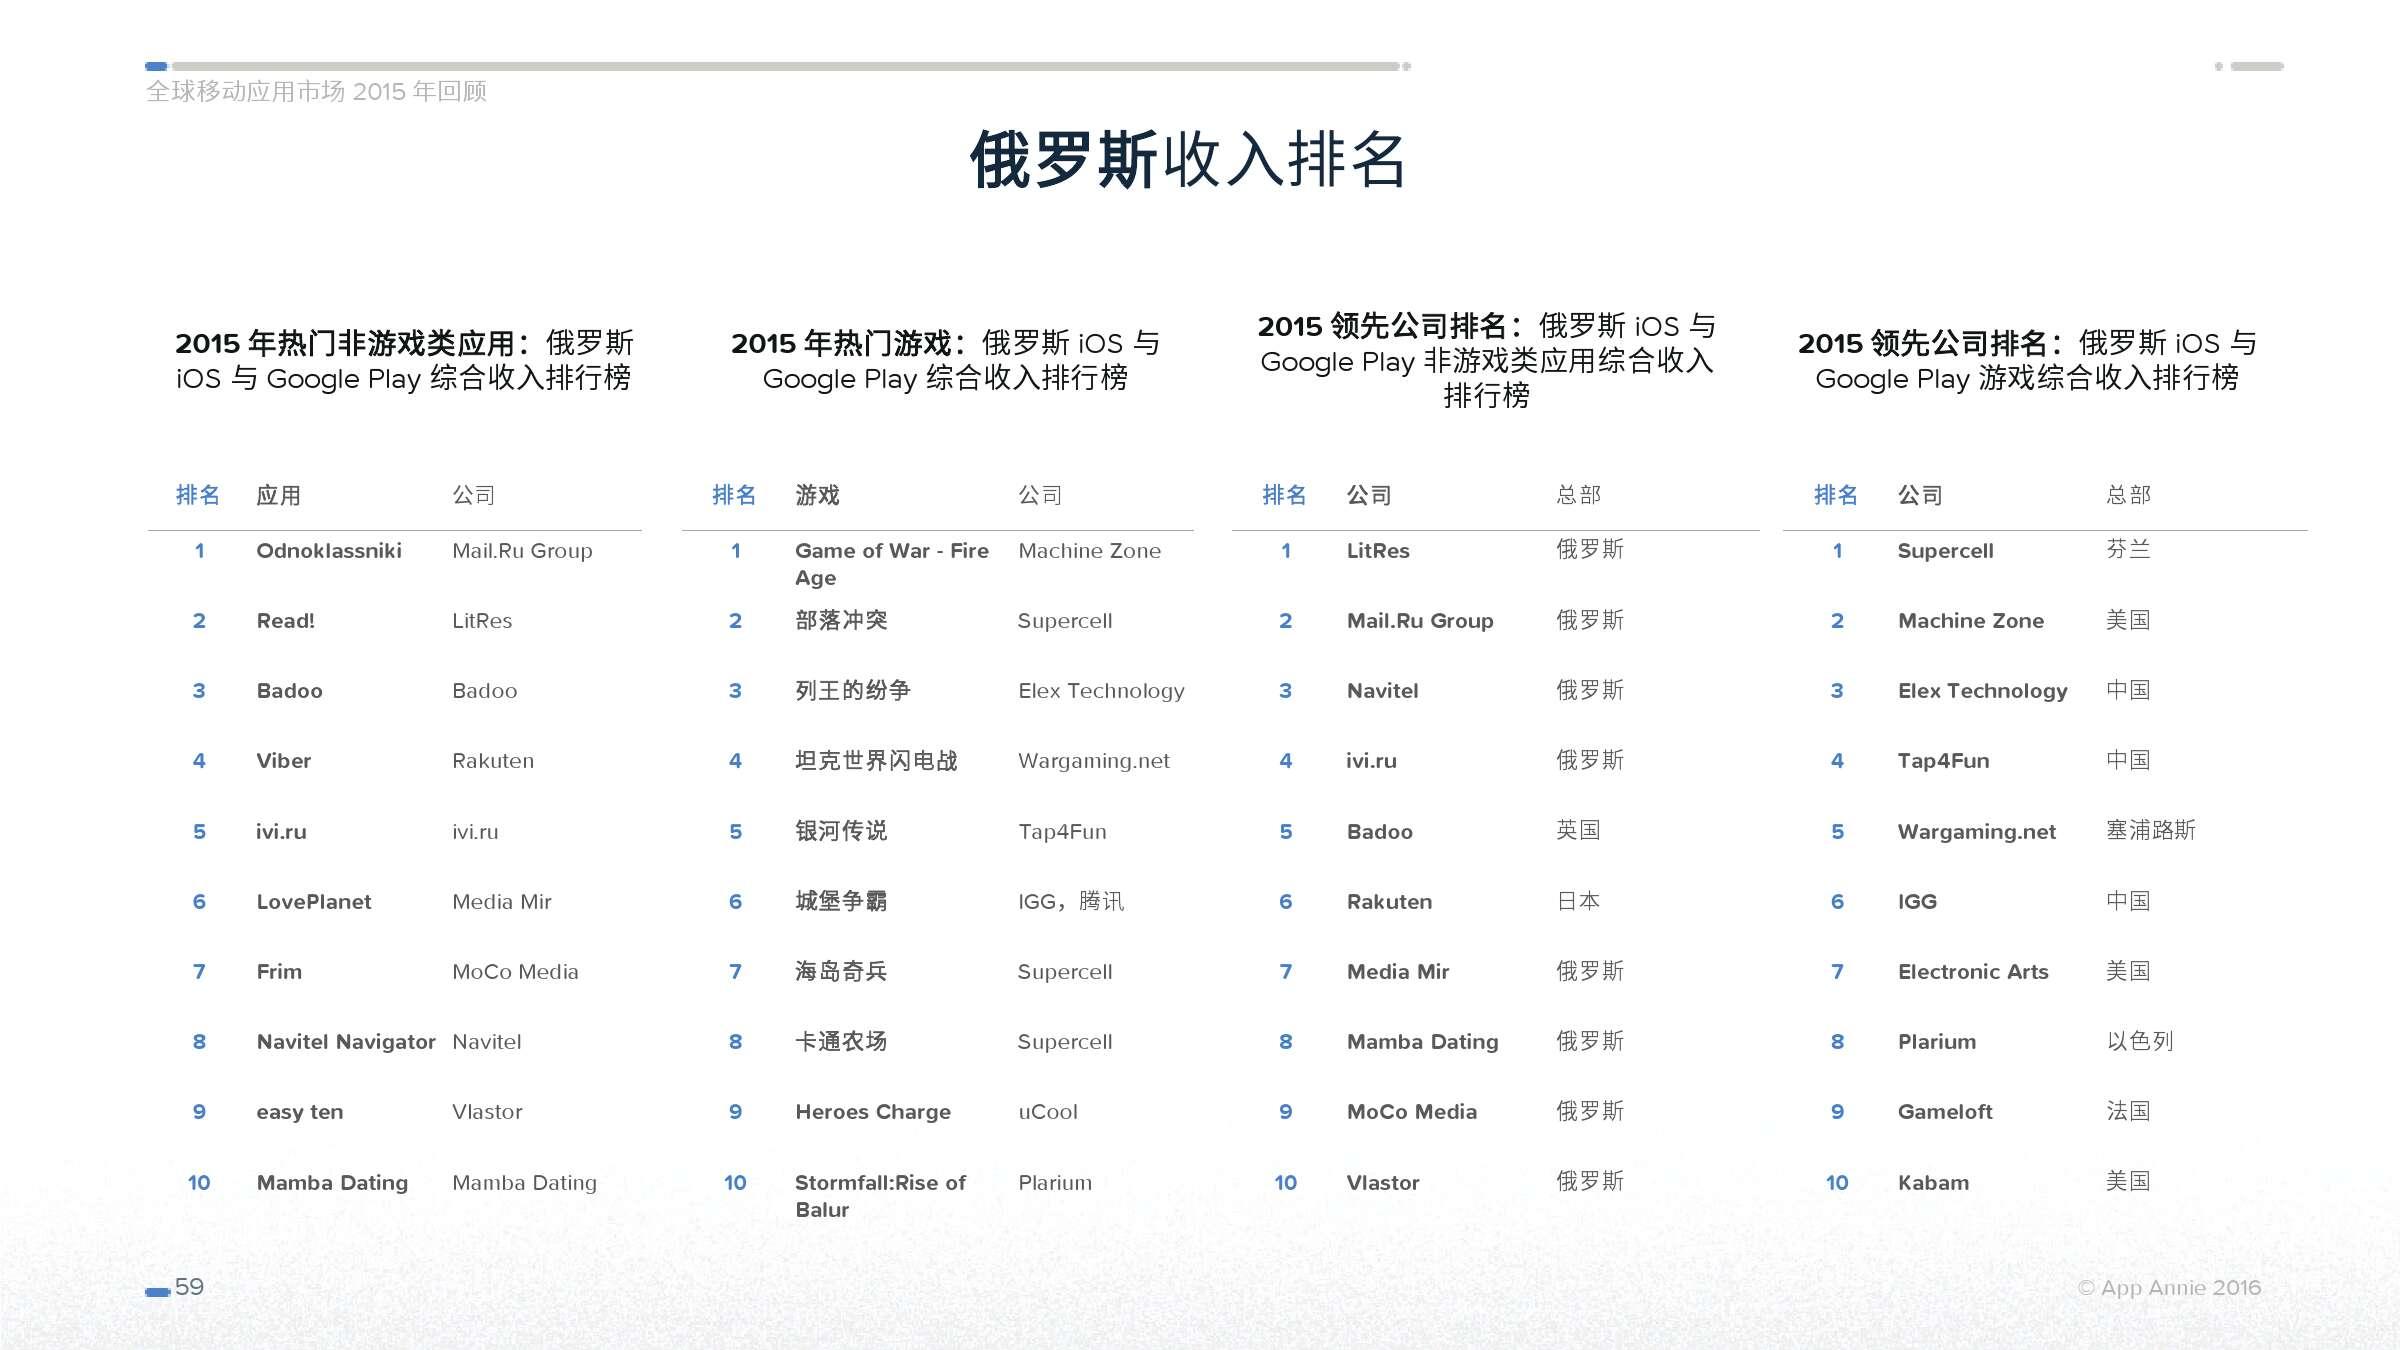 App Annie 全球移动应用市场 2015 年回顾_000059